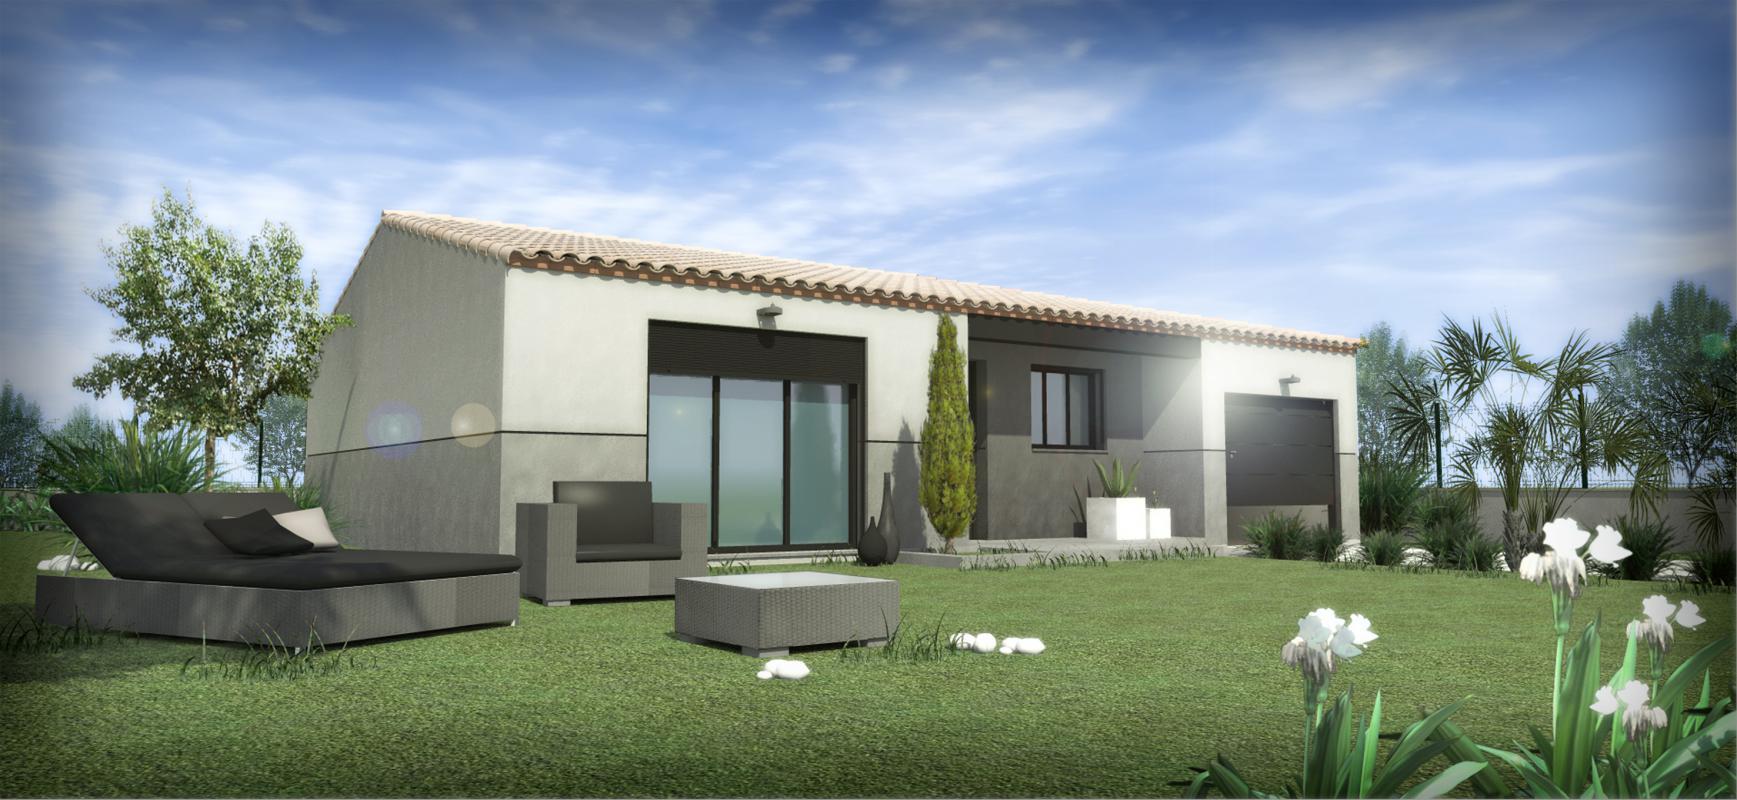 Maisons + Terrains du constructeur SM MAISON • 65 m² • CLAIRA